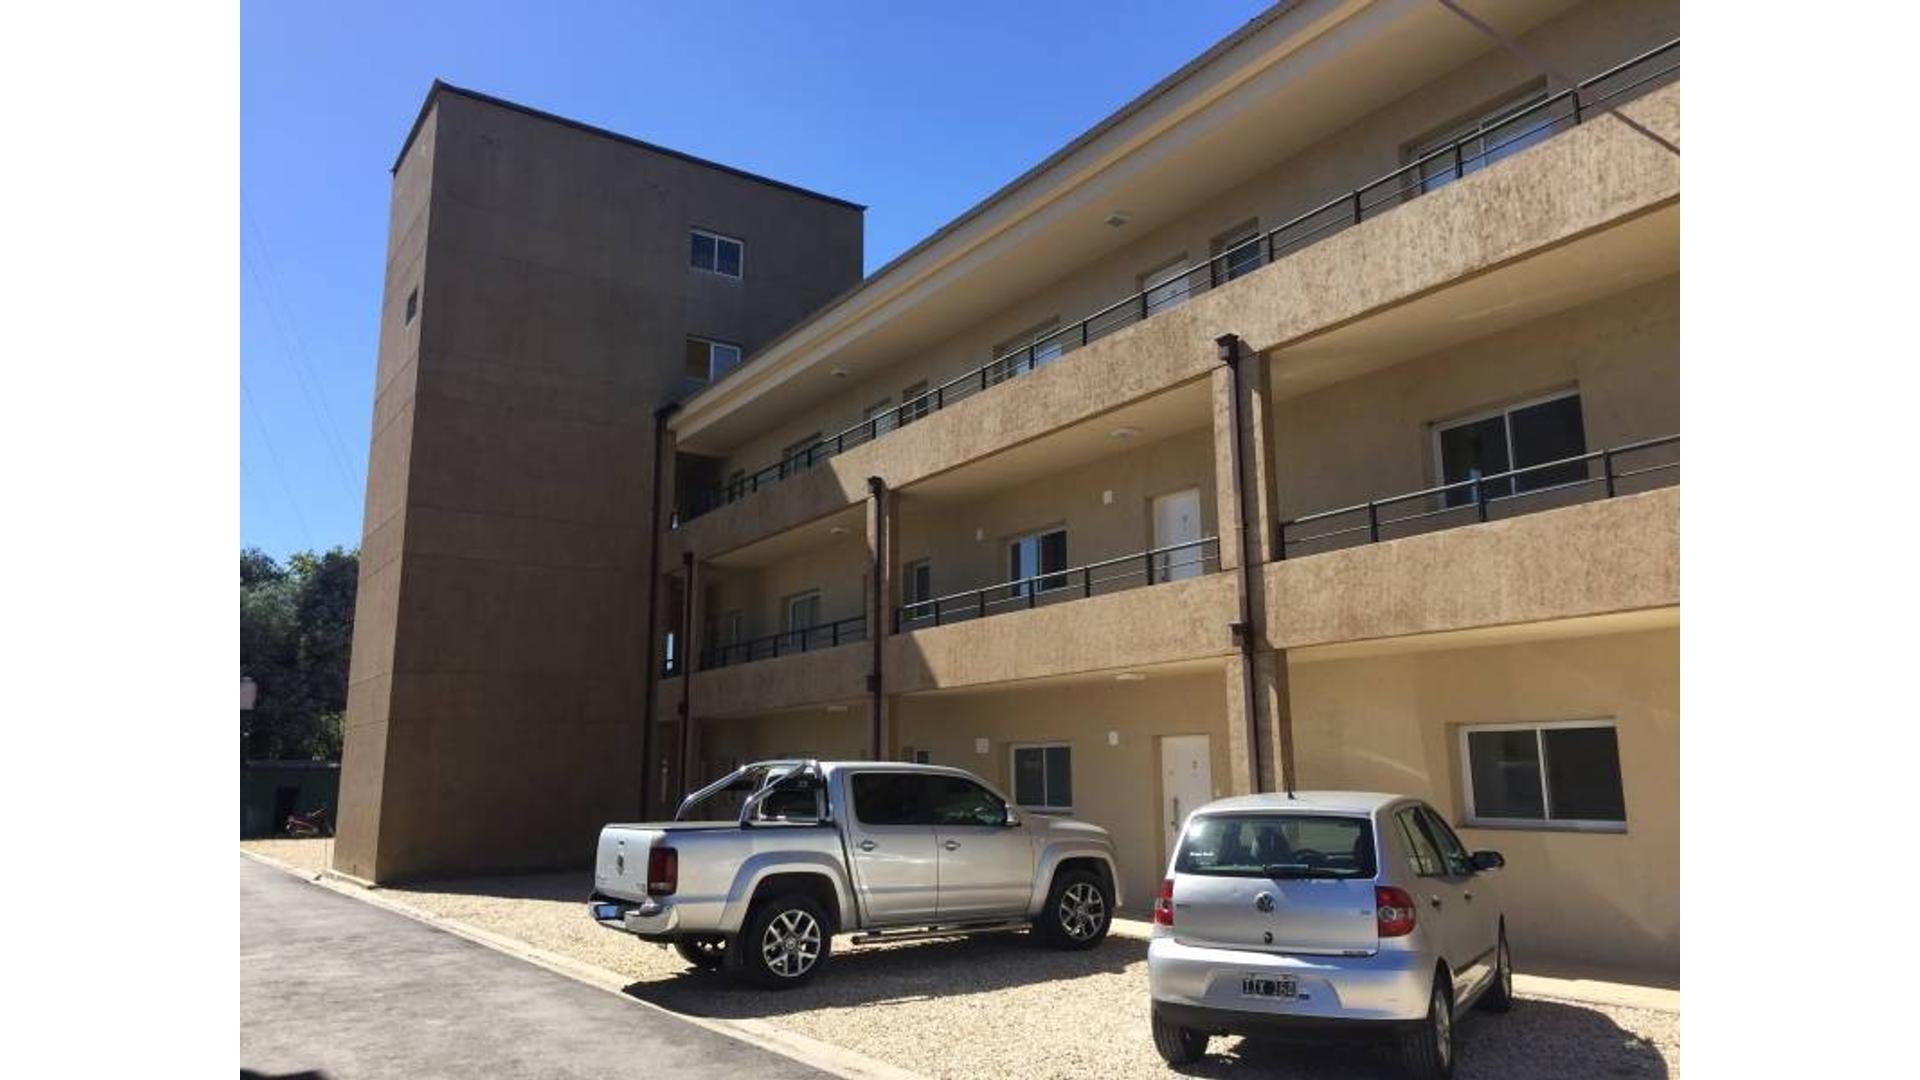 Venta de Departamento en Condominio VaPilar zona Pilar, Gran Bs.As., Argentina,